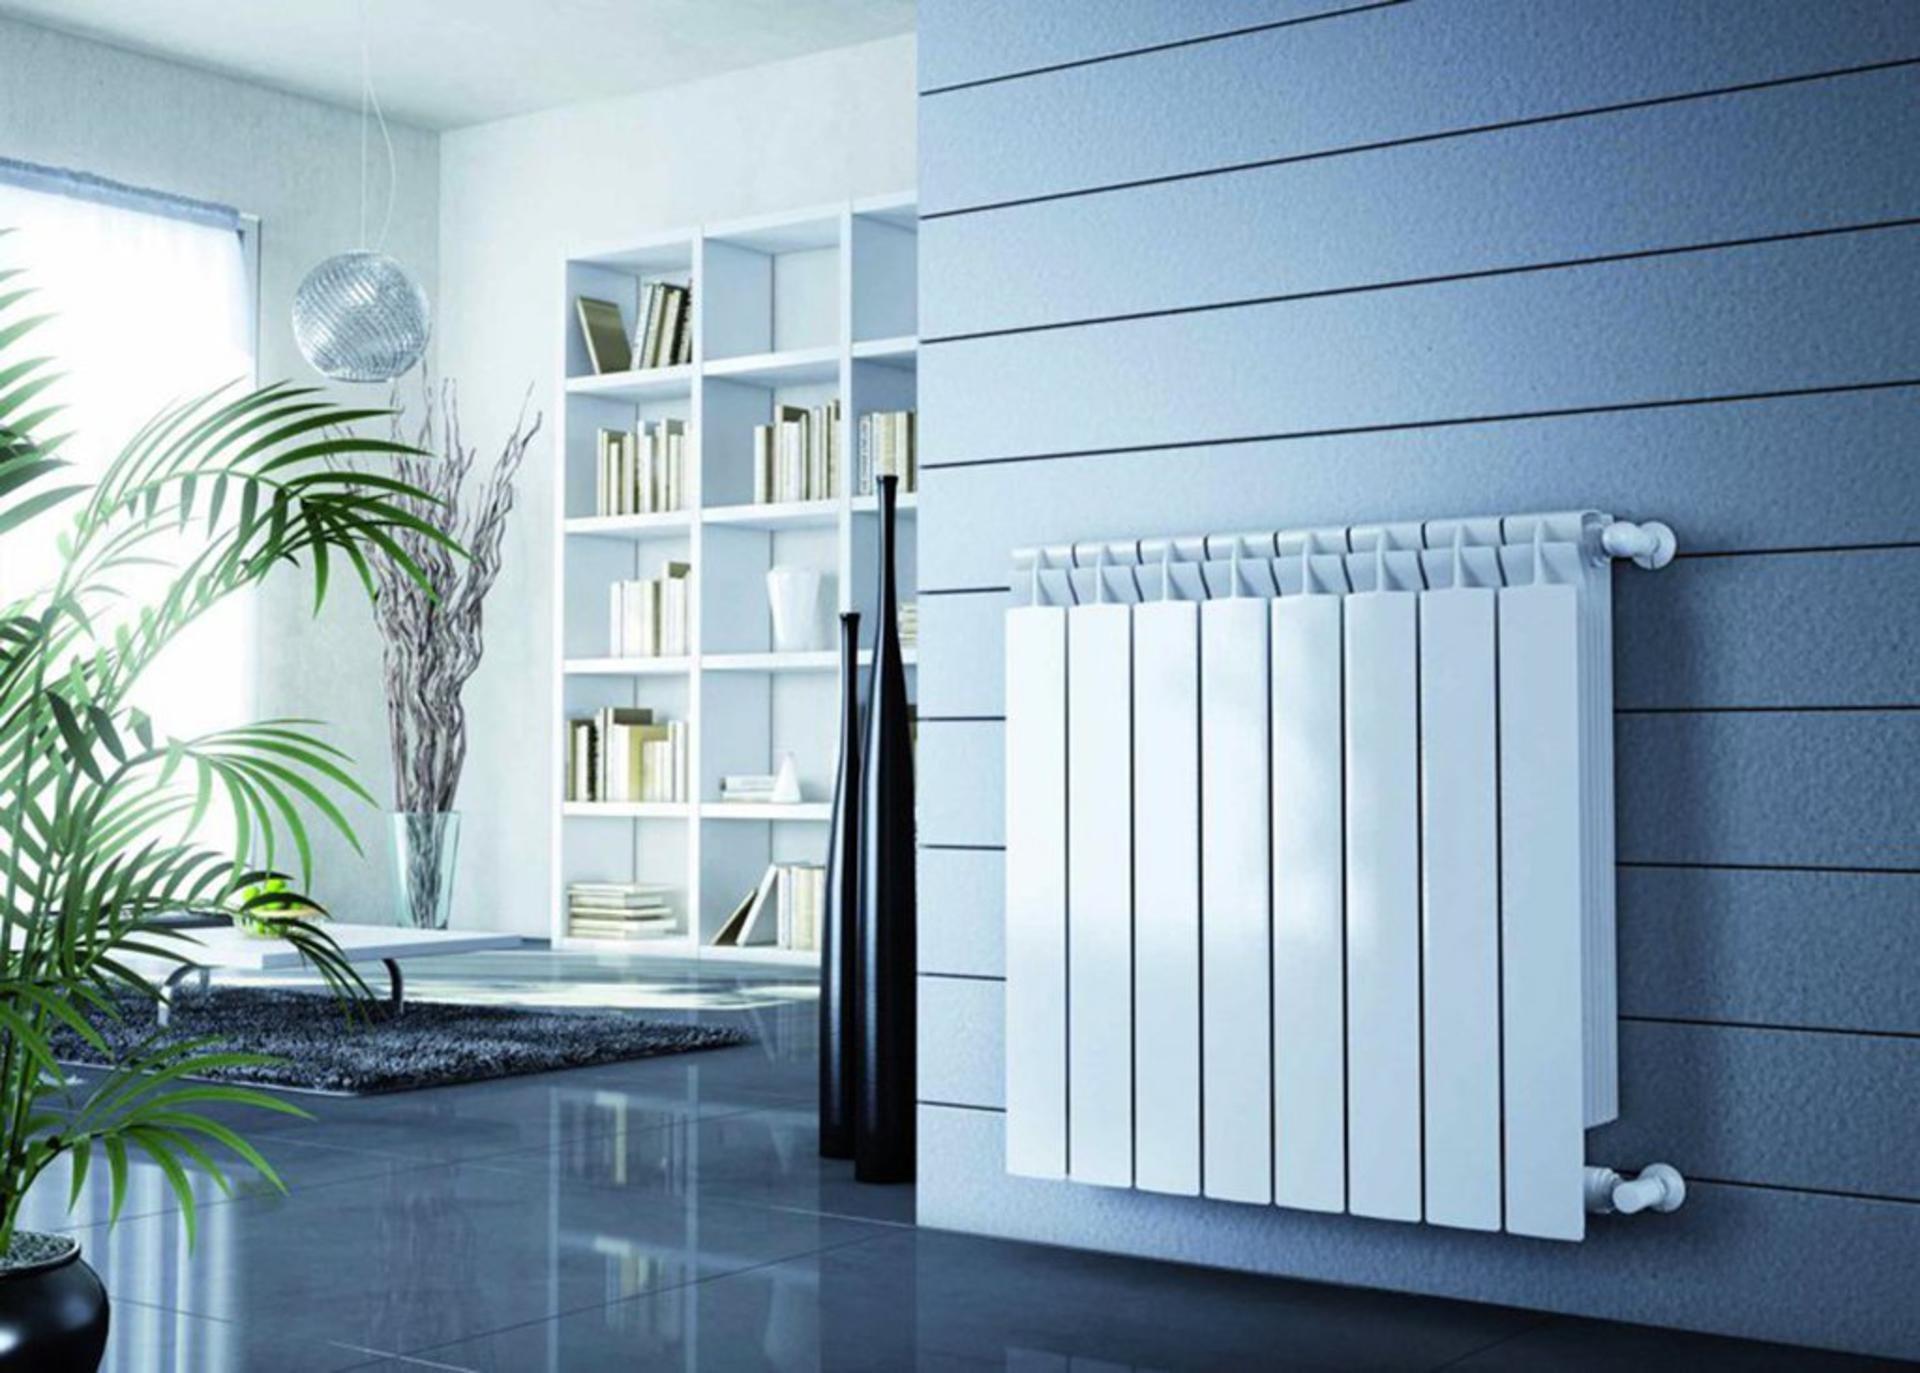 Виды и типы конвекторов отопления, напольные, настенные, инфракрасные, керамические